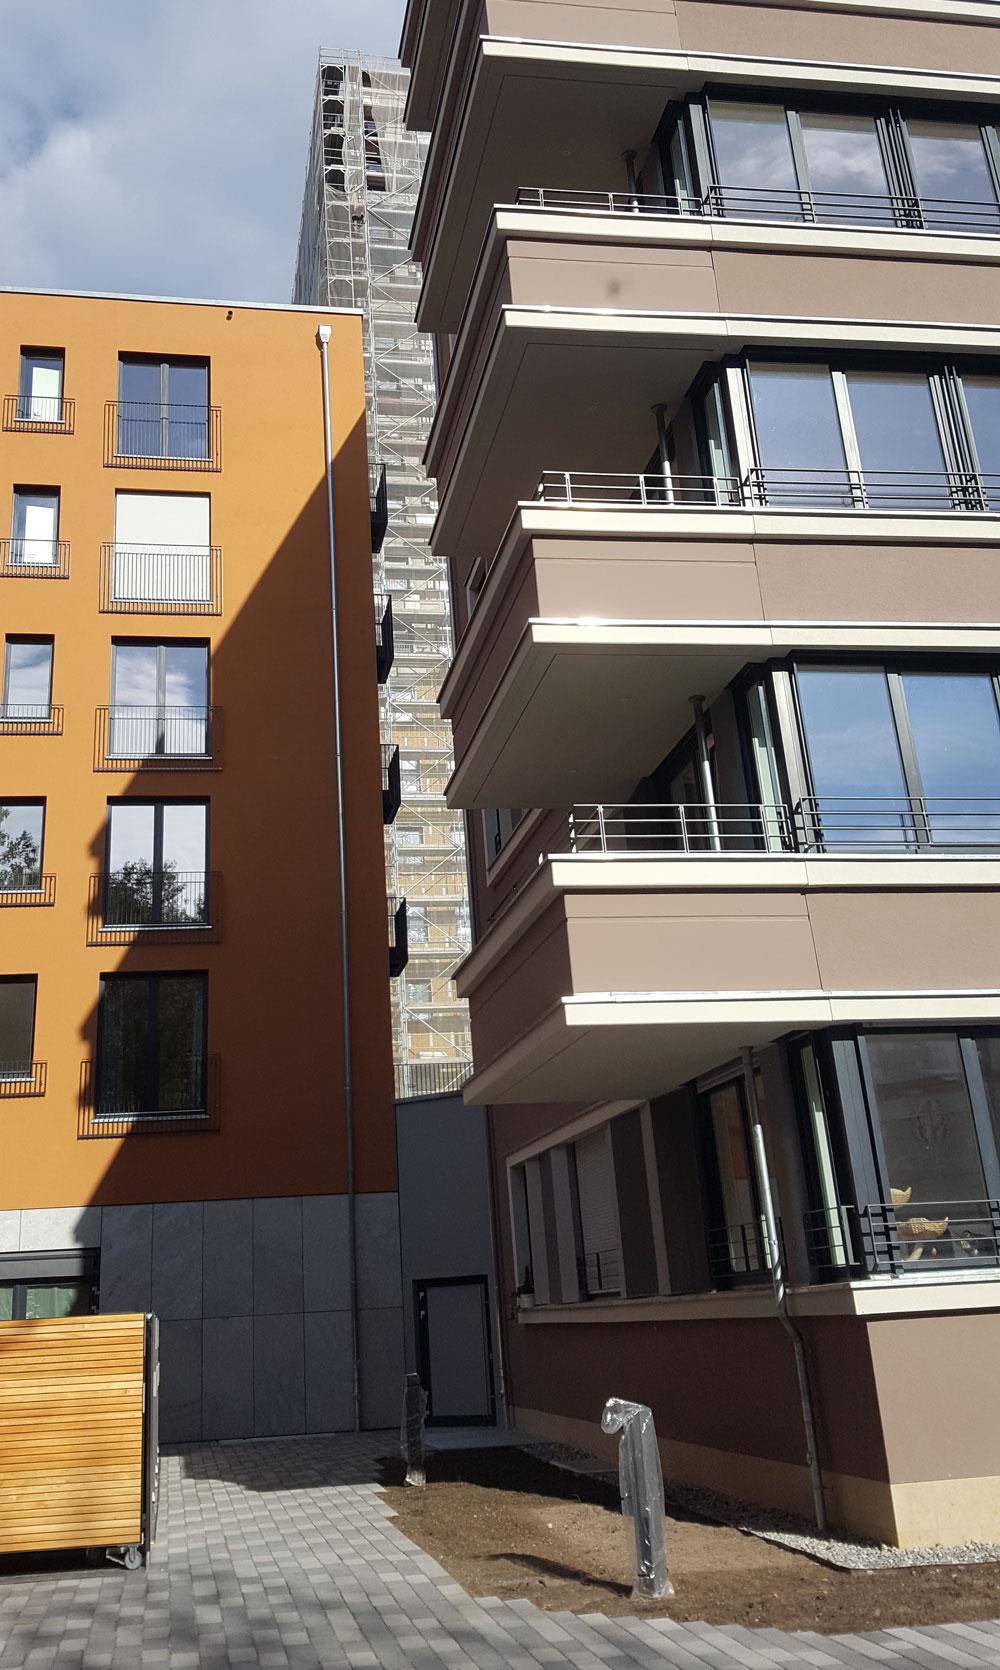 neue Gebäude in der Lehrter Straße im Oktober 2019